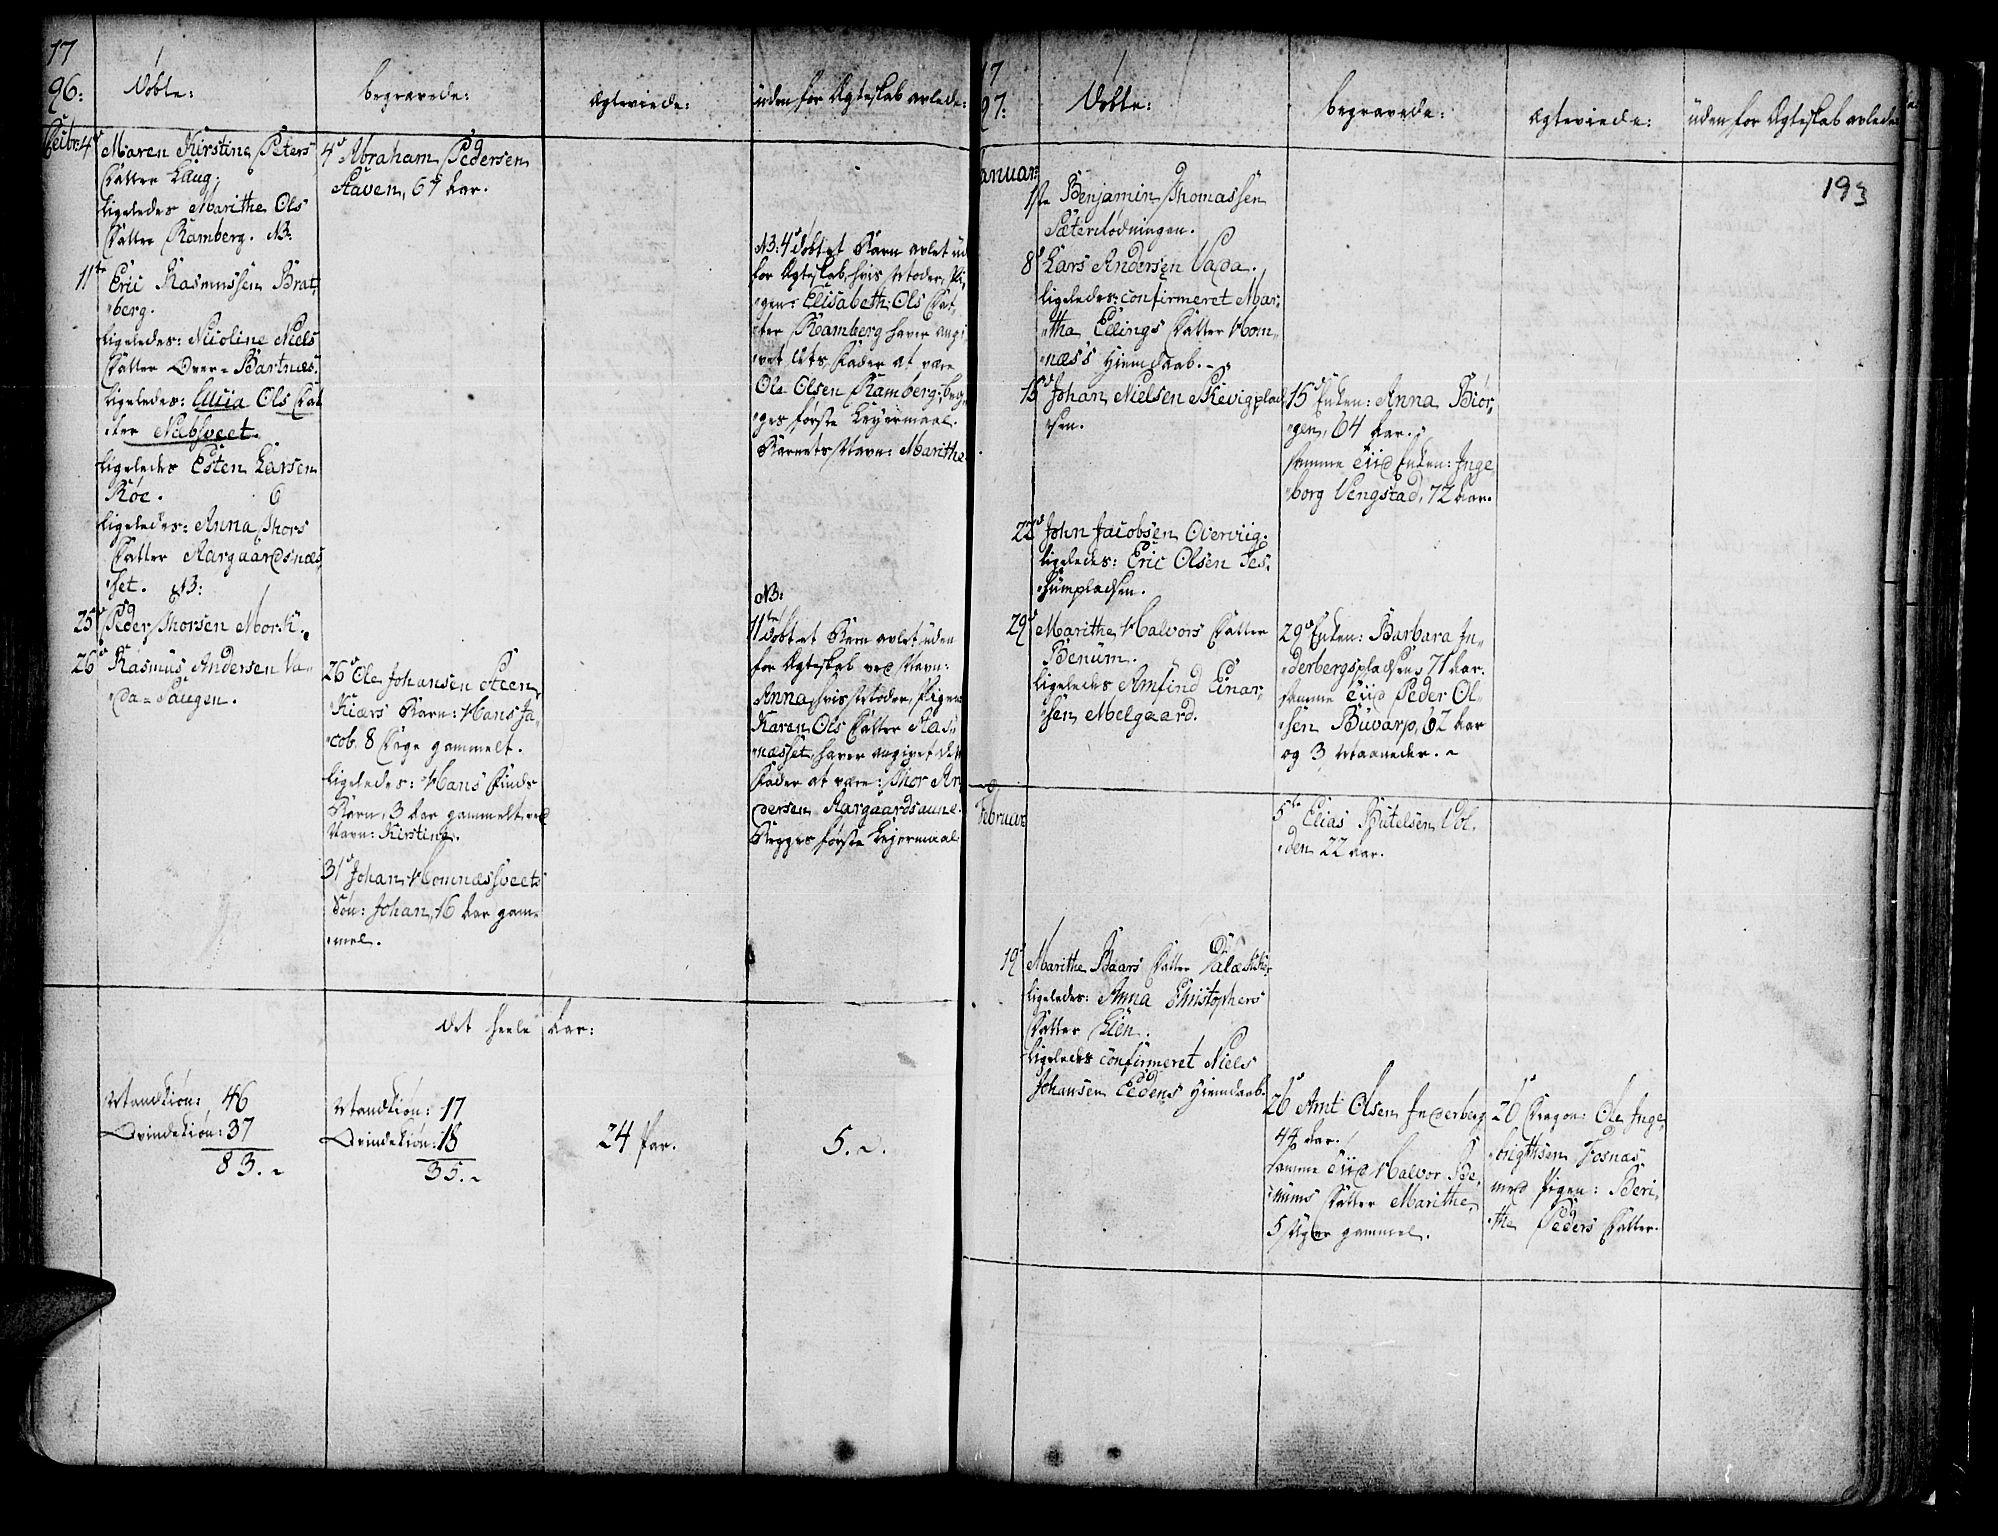 SAT, Ministerialprotokoller, klokkerbøker og fødselsregistre - Nord-Trøndelag, 741/L0385: Ministerialbok nr. 741A01, 1722-1815, s. 193